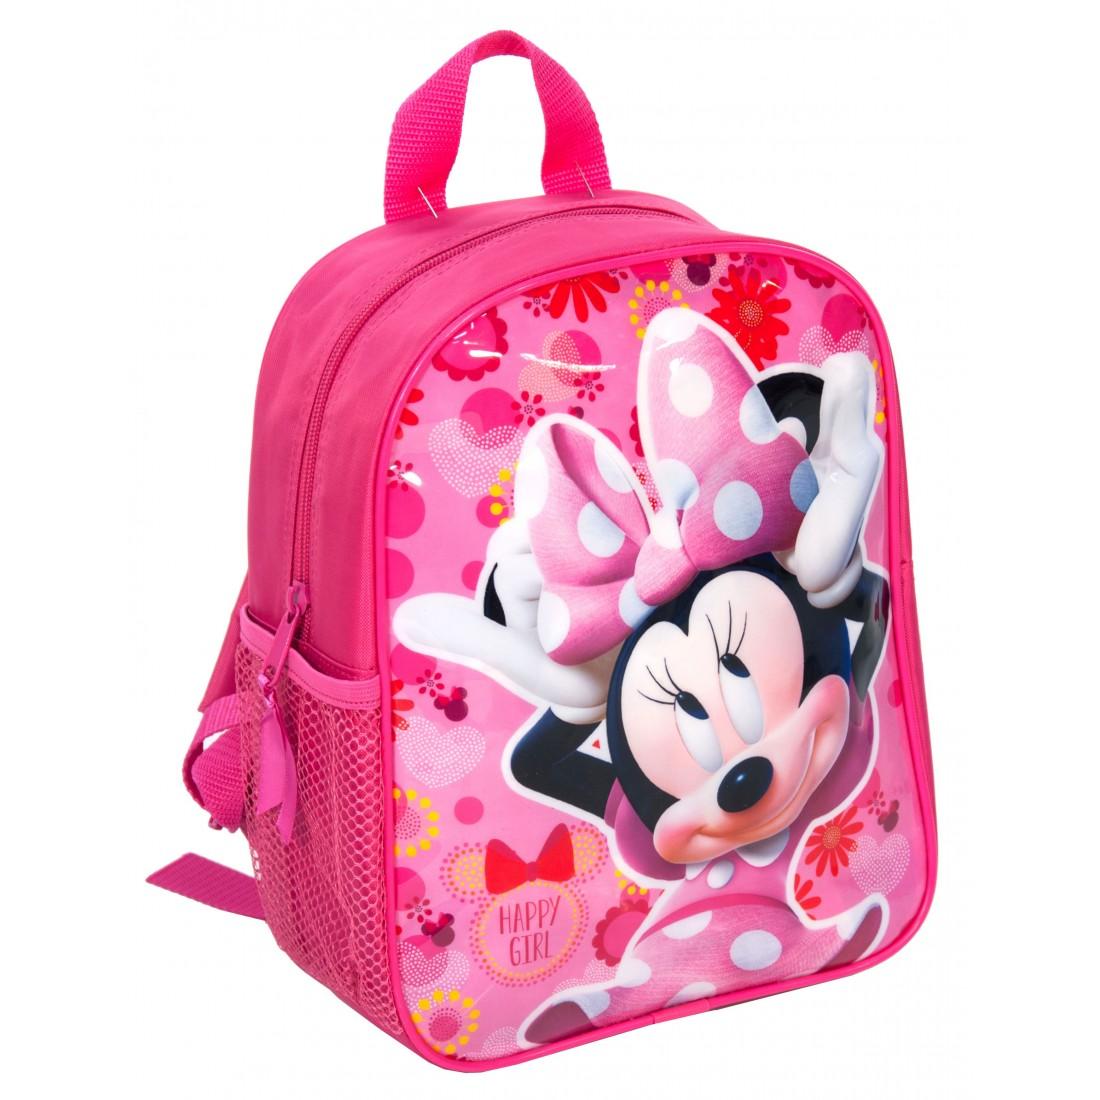 Plecaczek Mickey Mouse Myszka Minnie - plecak-tornister.pl